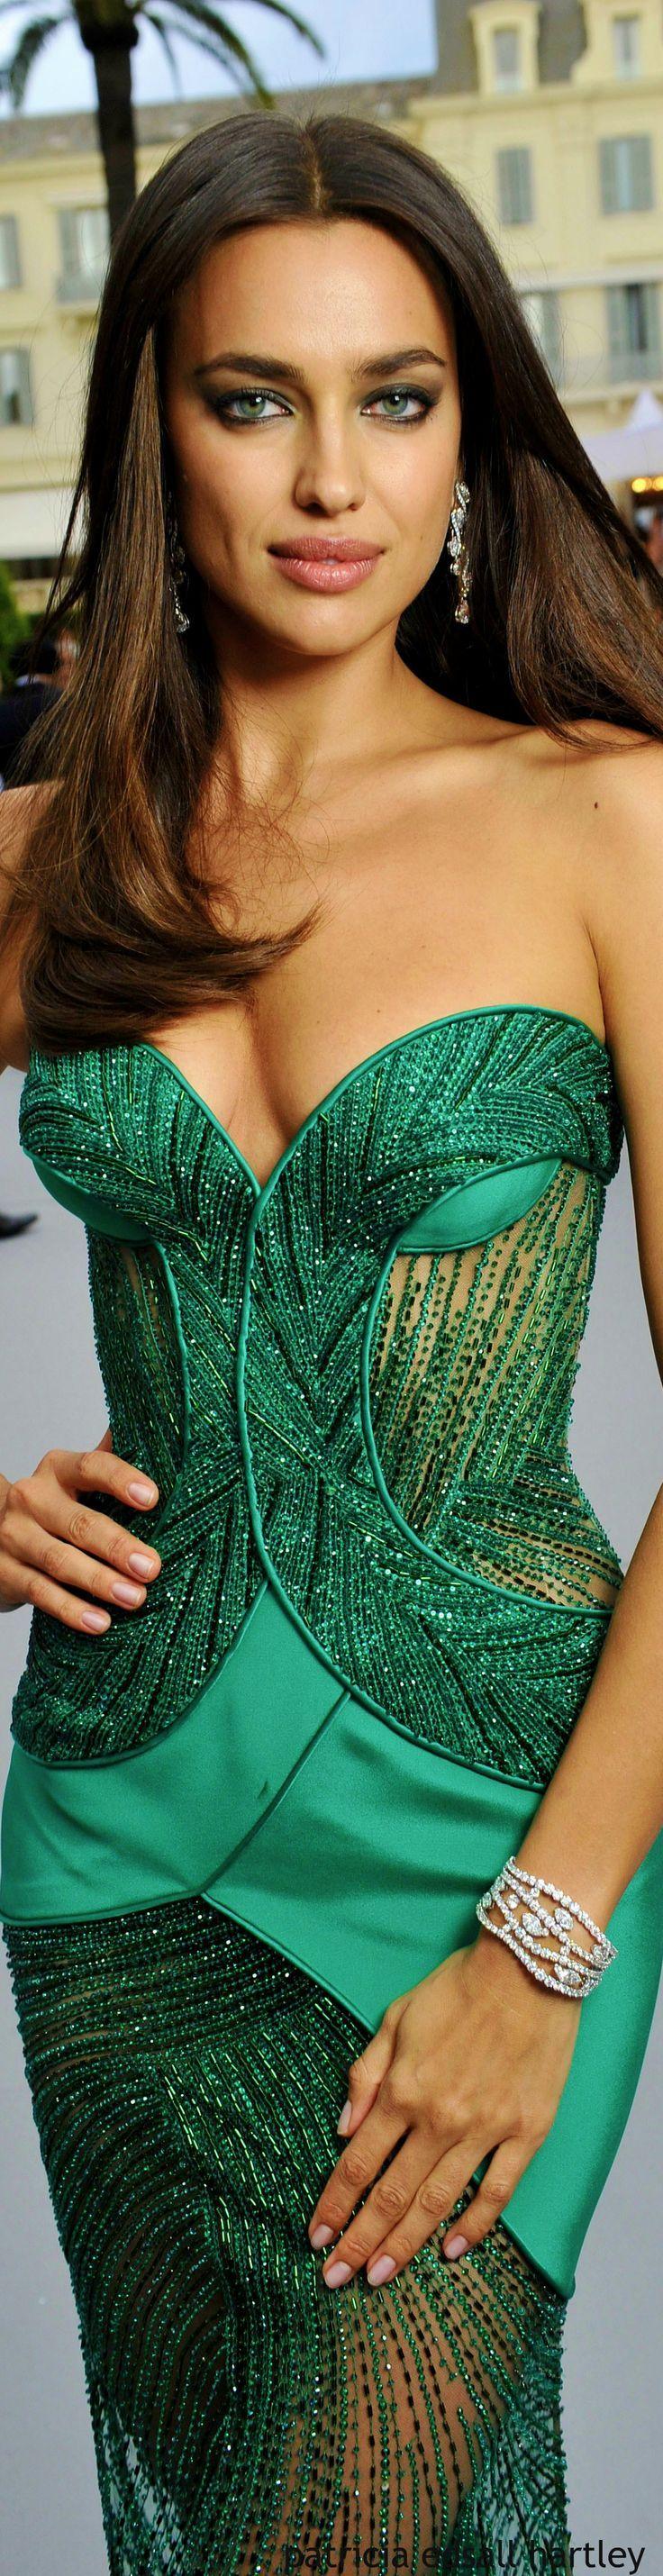 cool Эффектный макияж под зеленое платье (50 фото) — Актуальные оттенки 2017 Читай больше http://avrorra.com/makiyazh-pod-zelenoe-plate-foto/